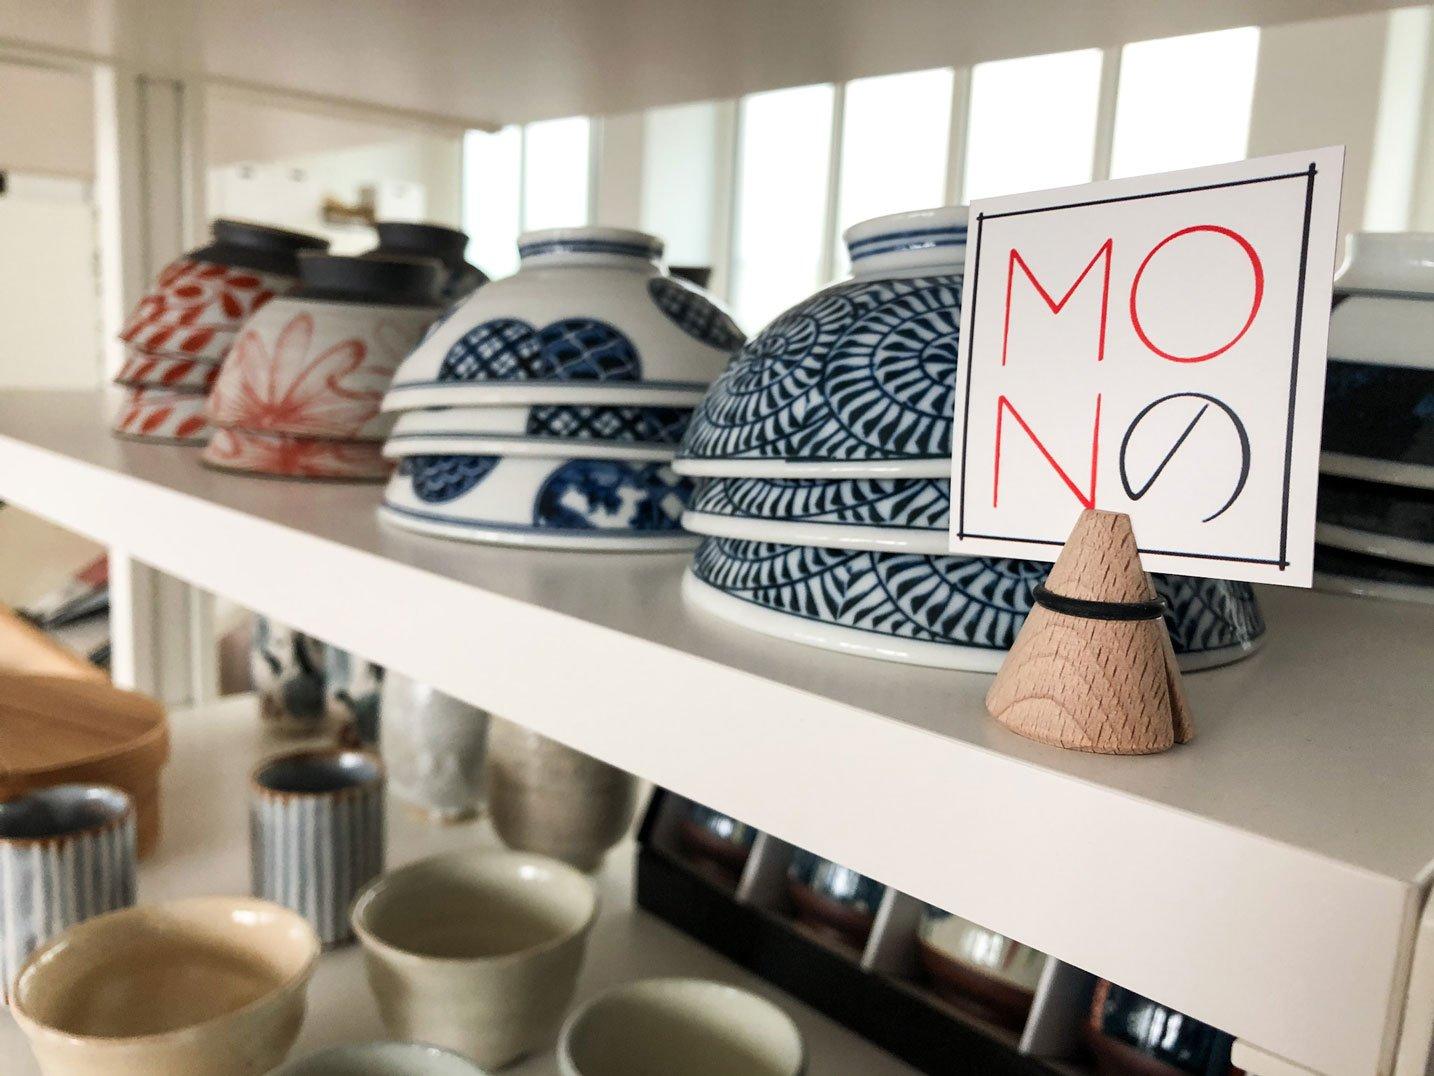 ceramiche-giapponesi-artigianali-mono-arte